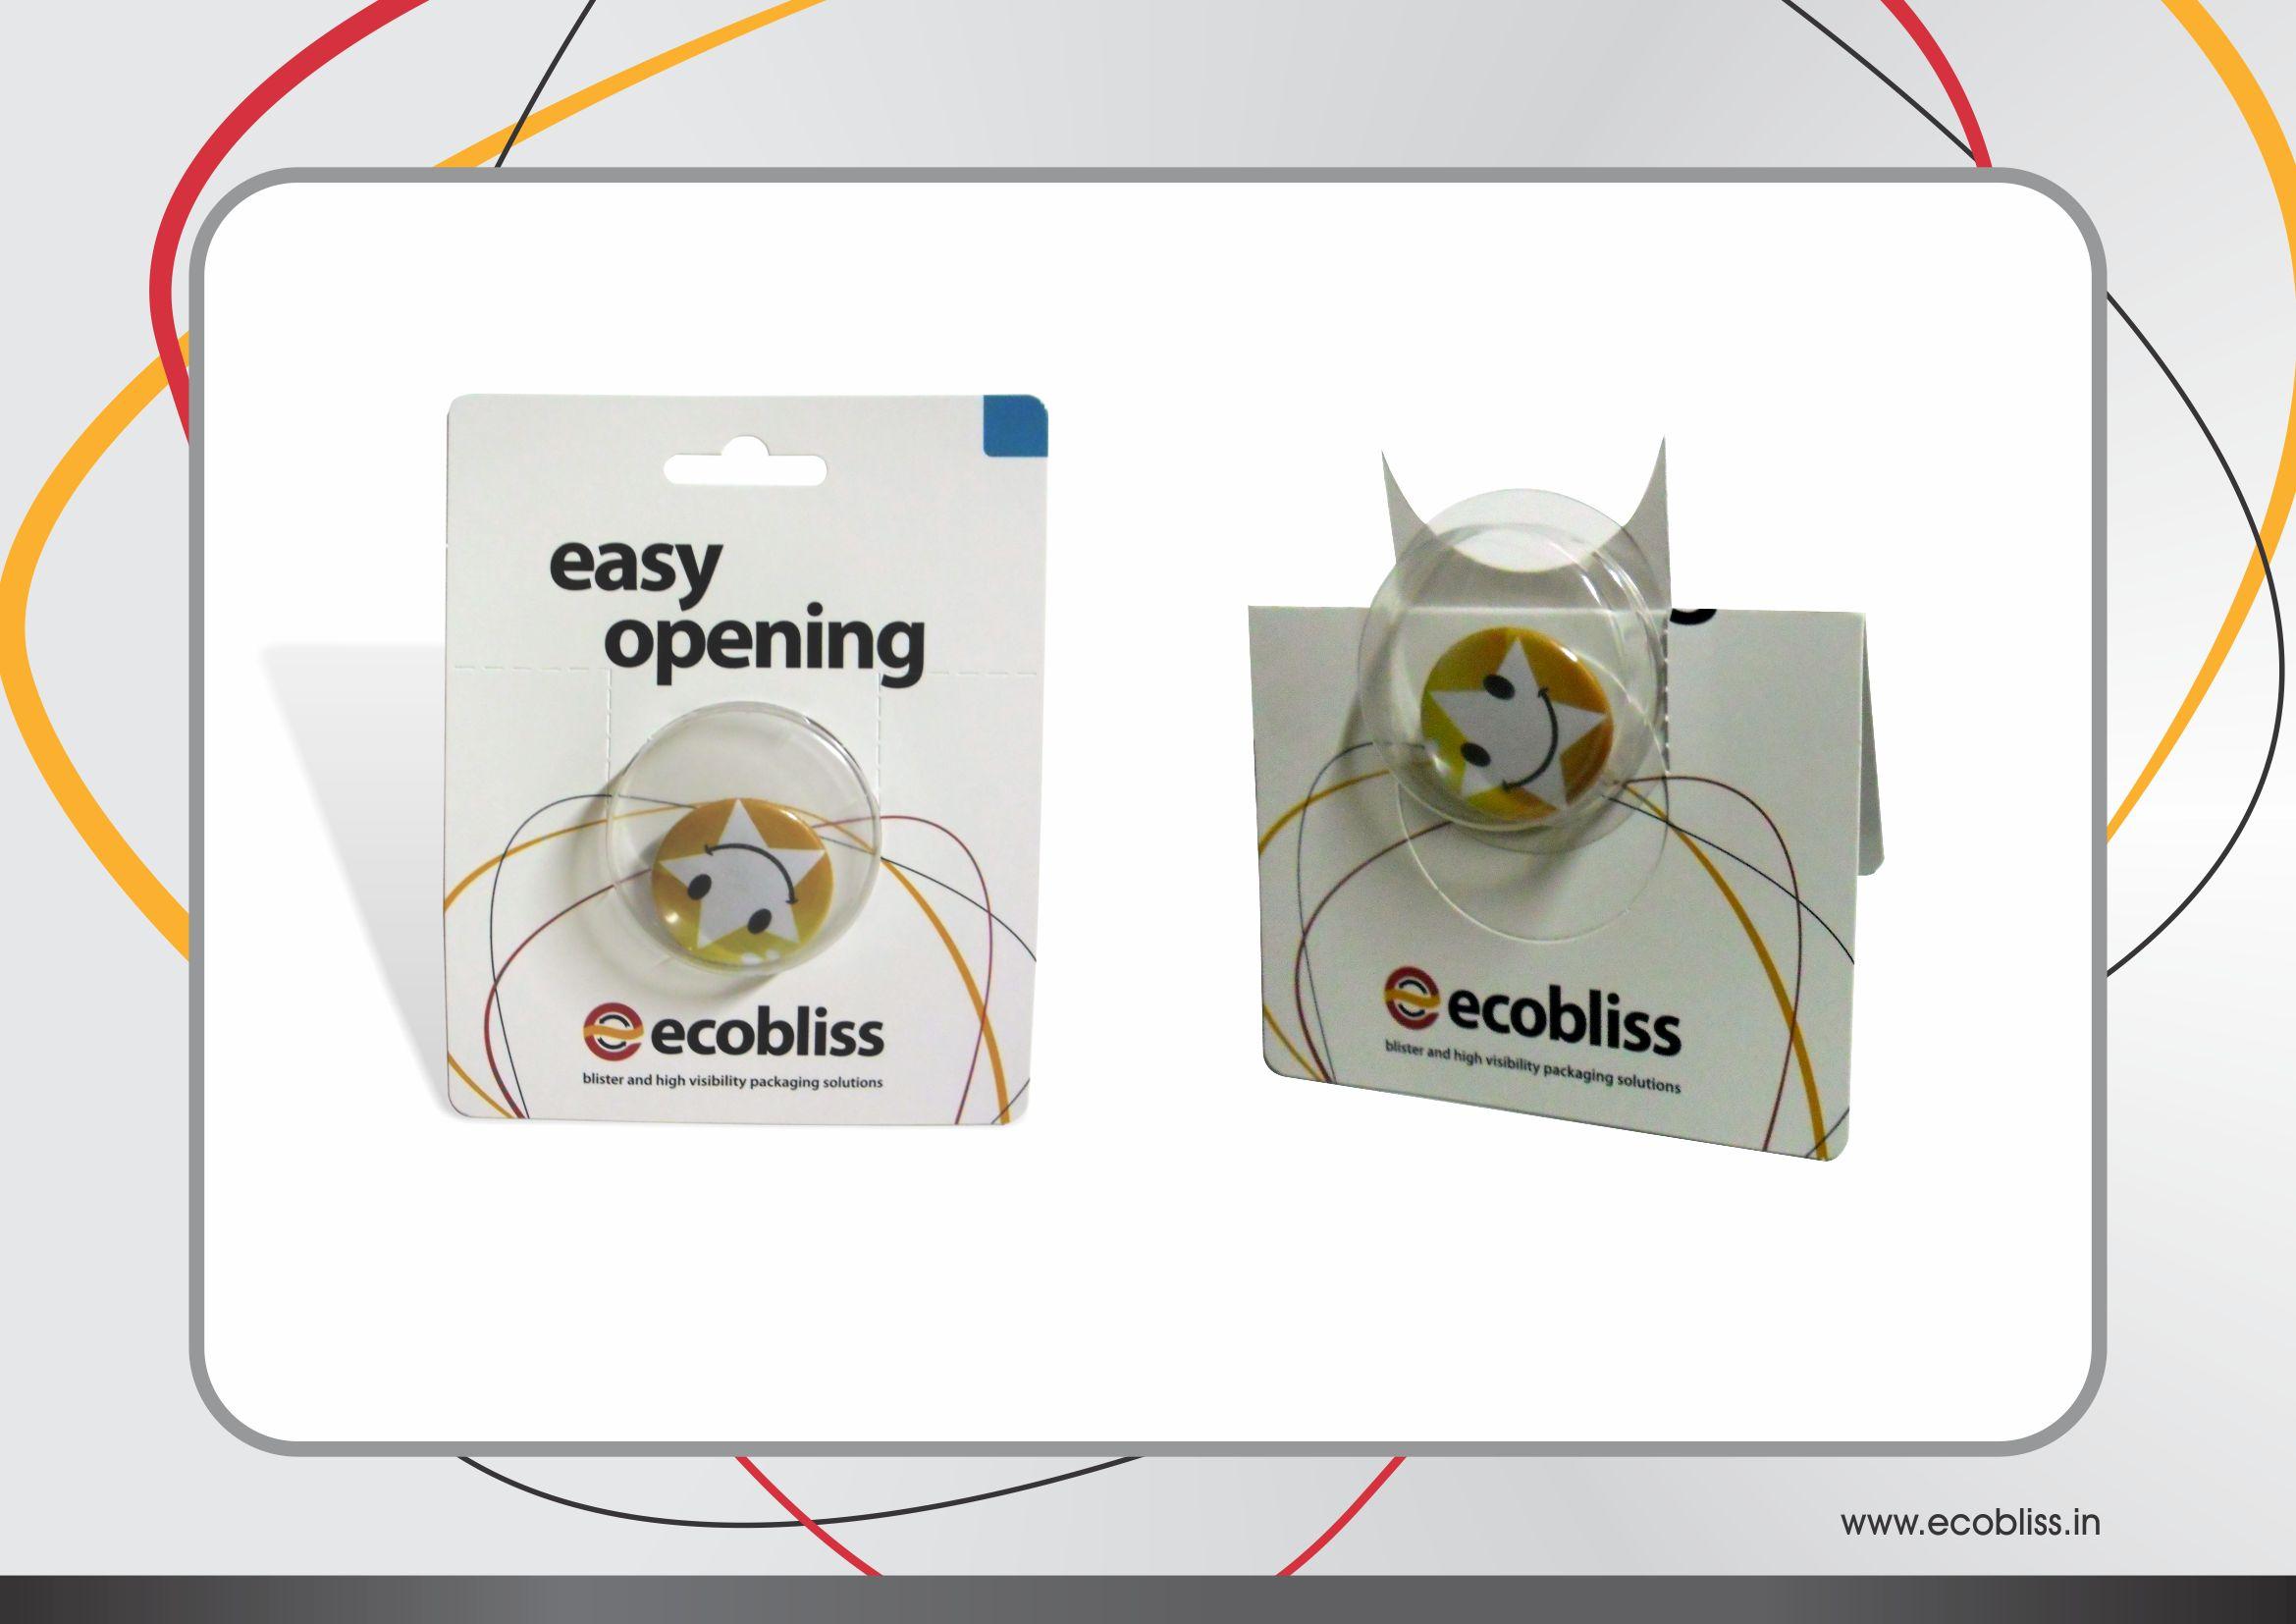 Ecobliss